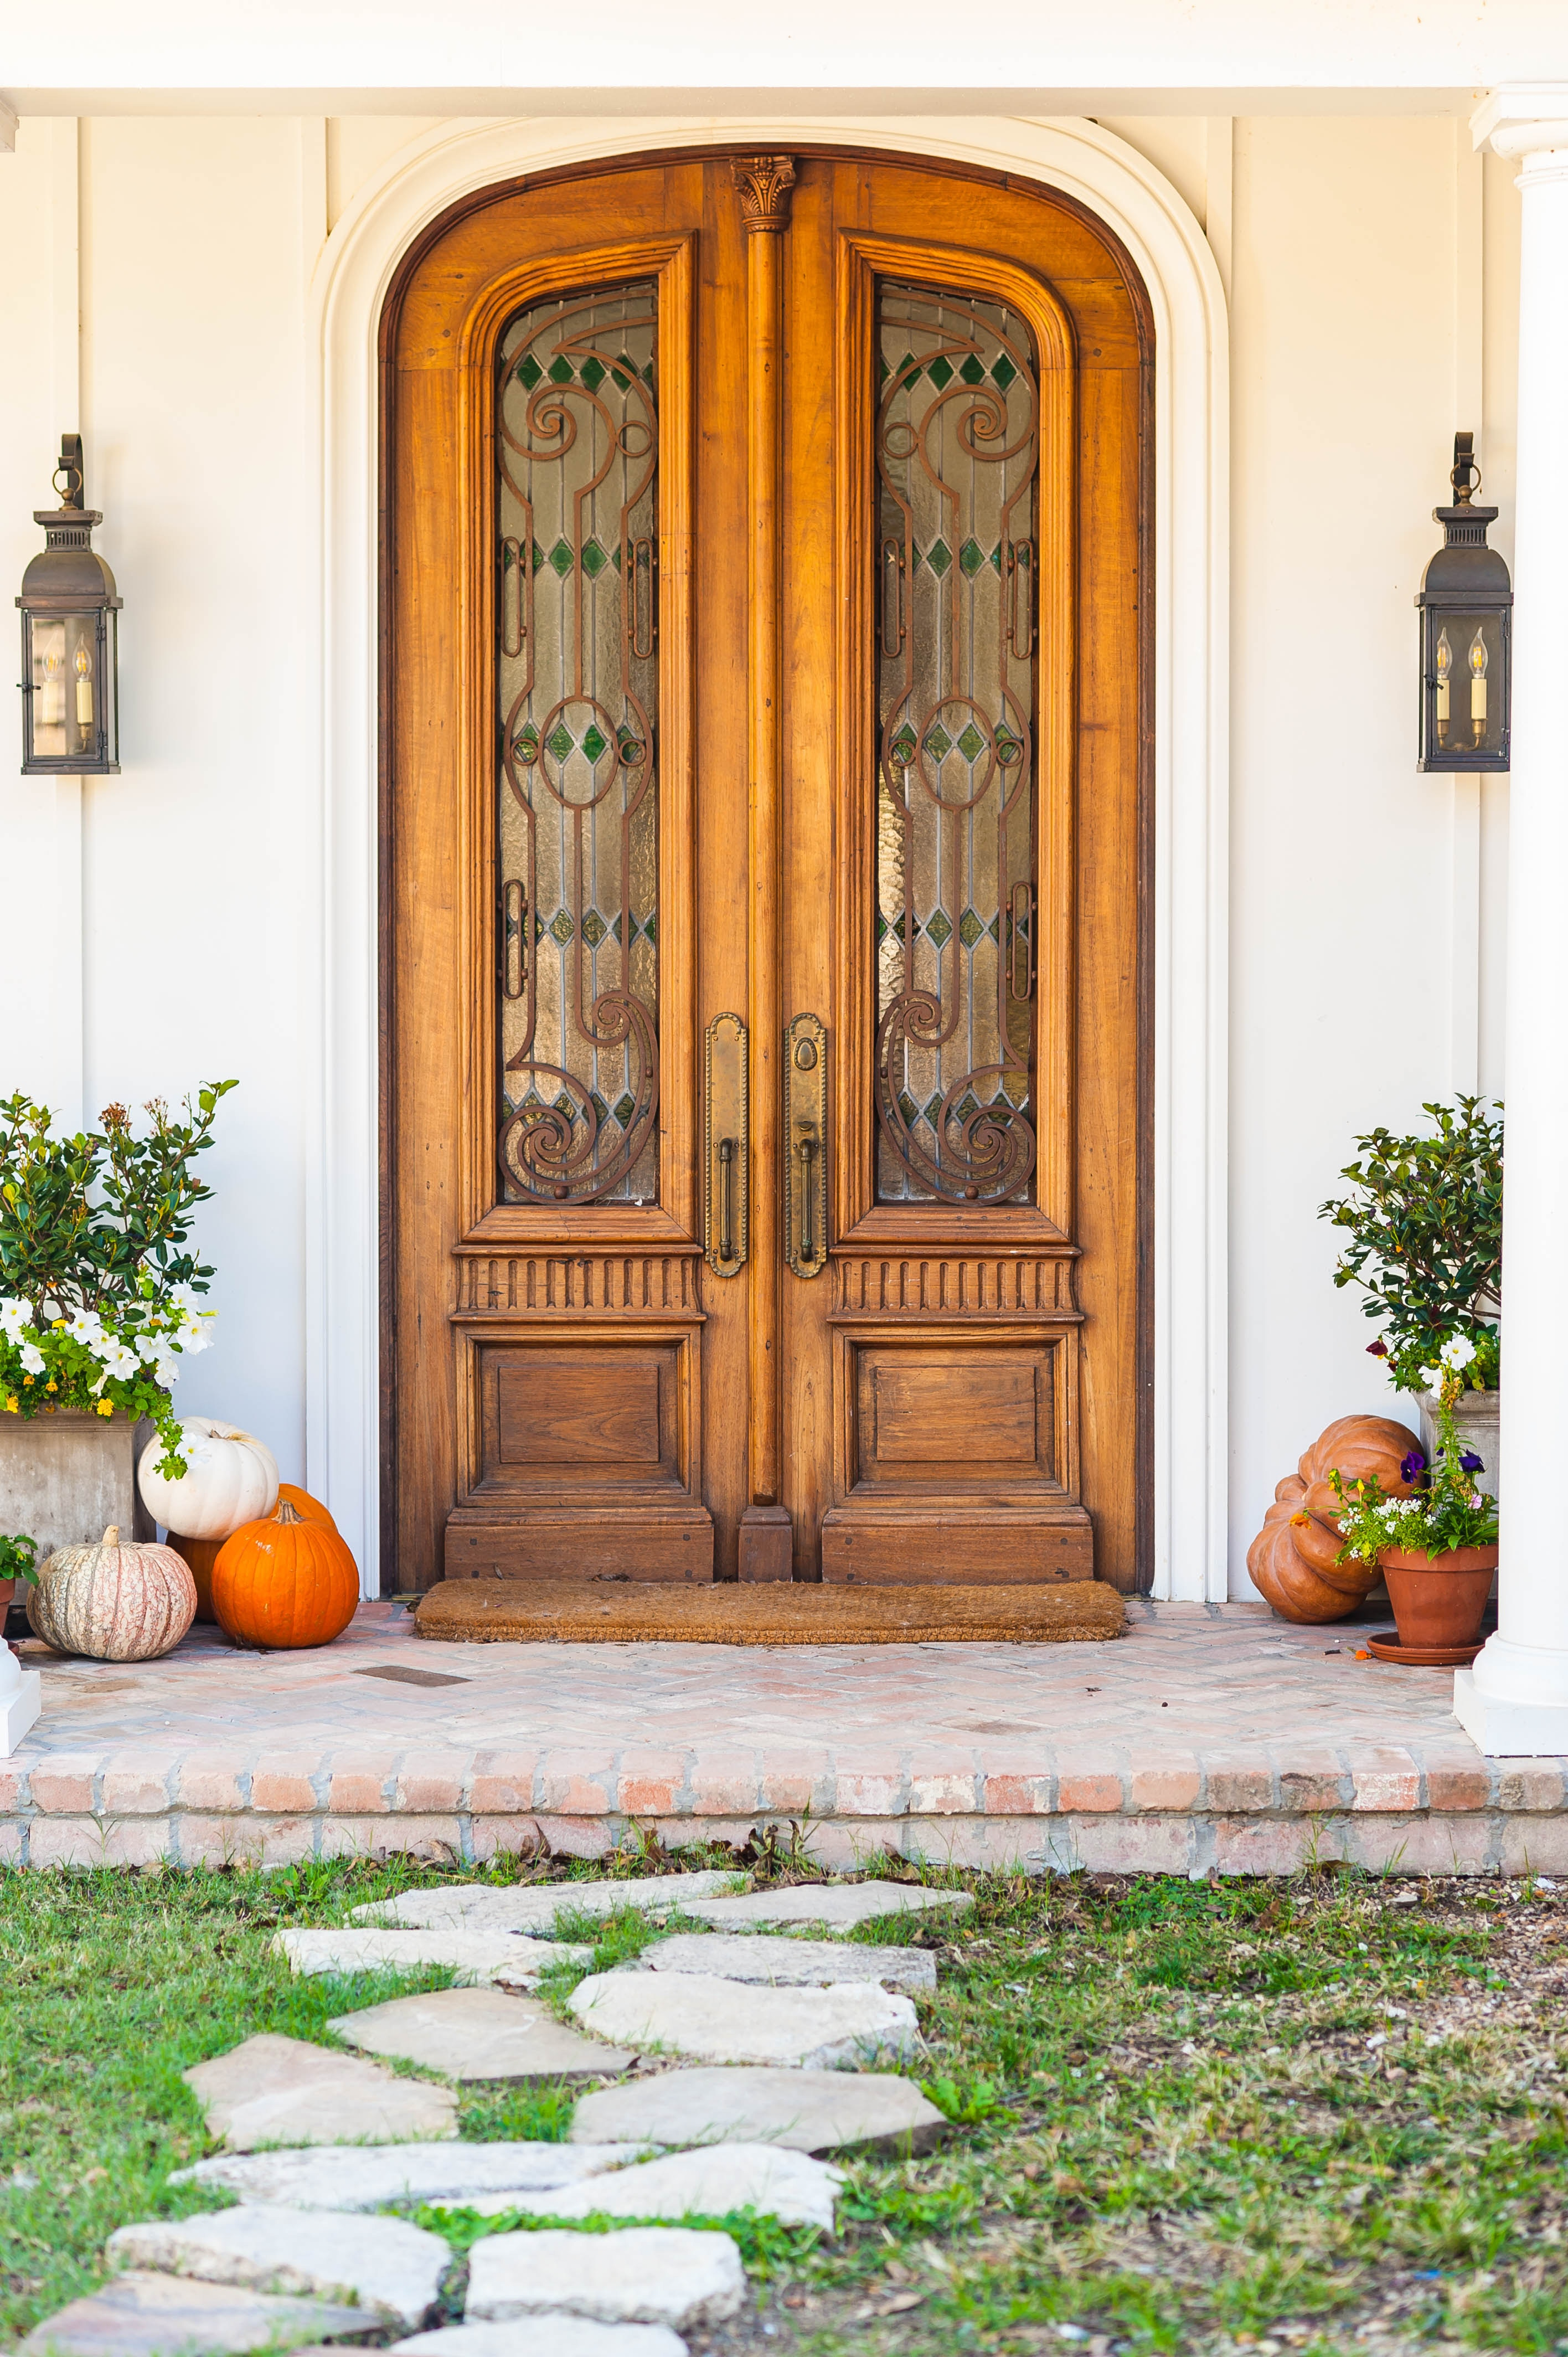 Photogrpah of front door of home with pumpkins